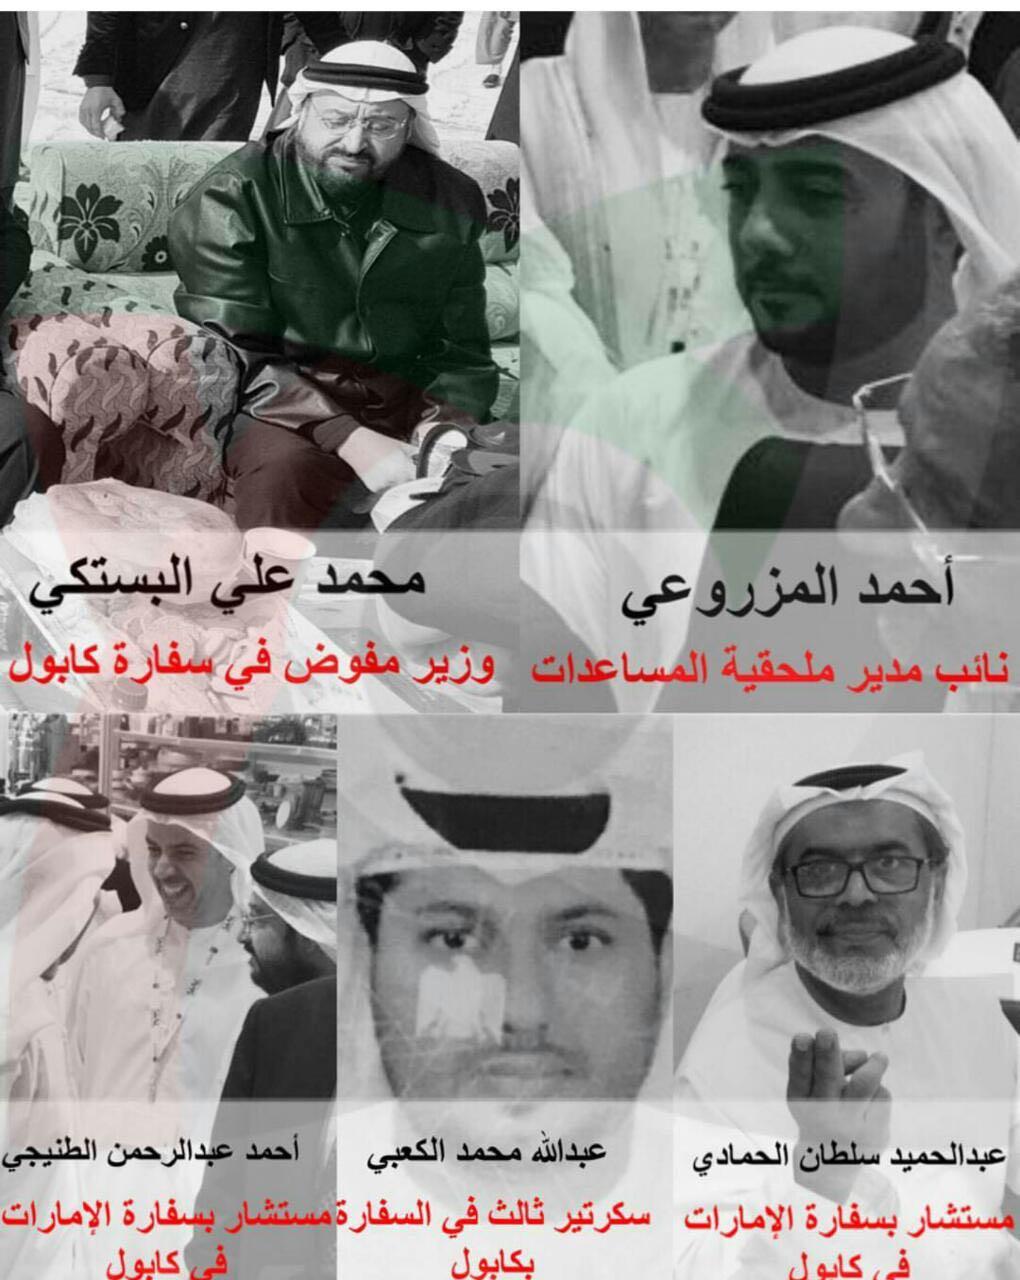 صورة مجمعة للخمس ضحايا